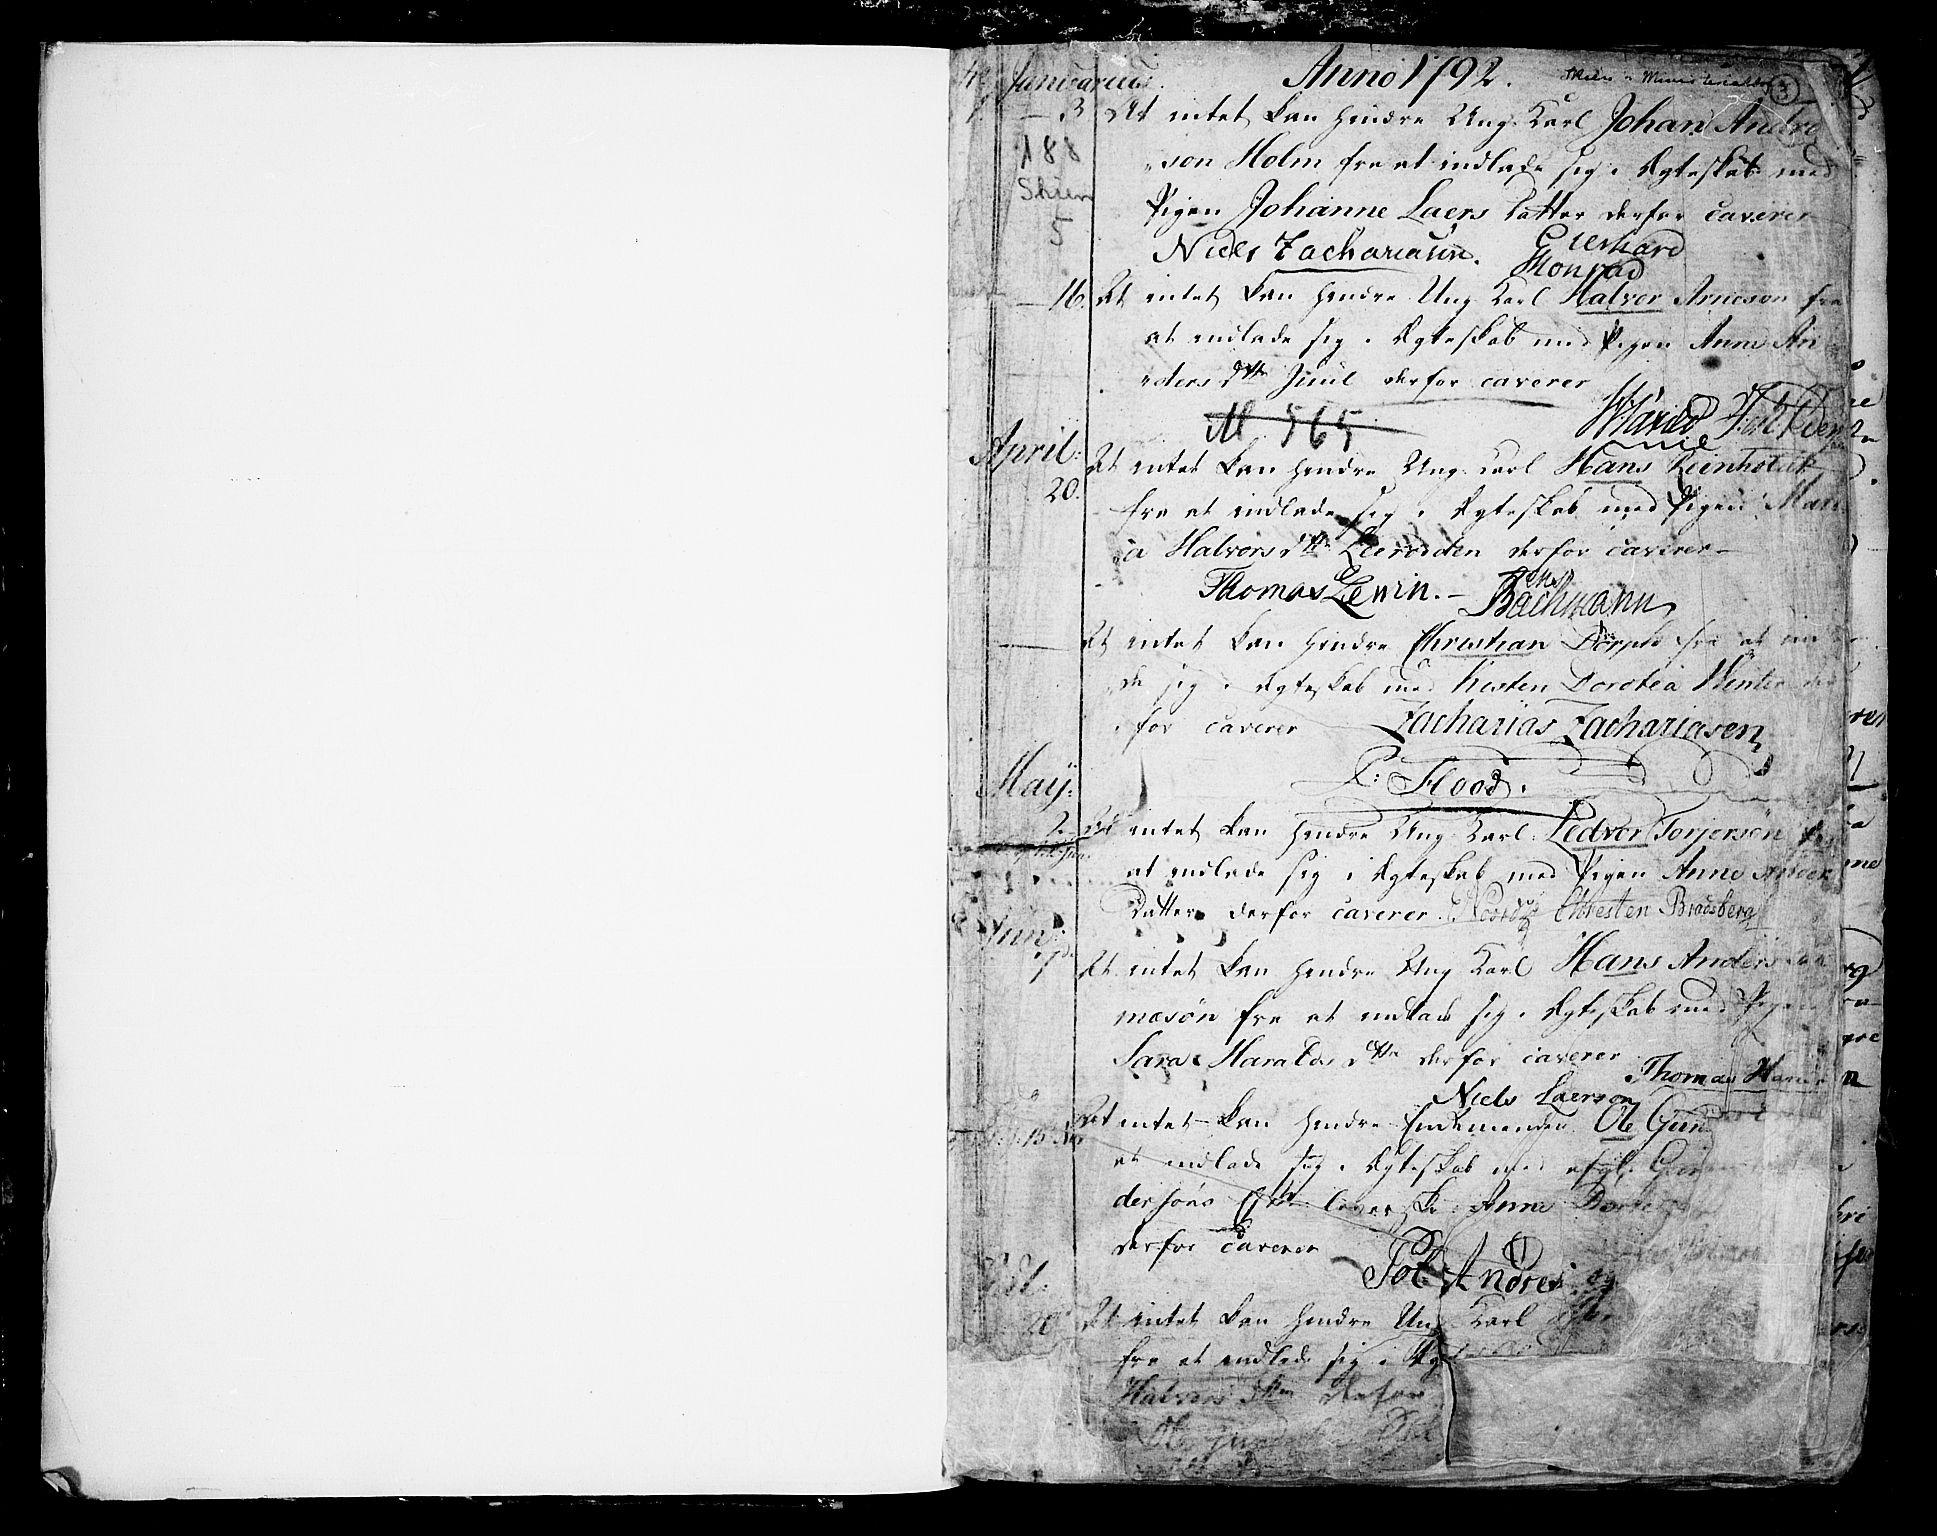 SAKO, Skien kirkebøker, F/Fa/L0004: Ministerialbok nr. 4, 1792-1814, s. 2-3